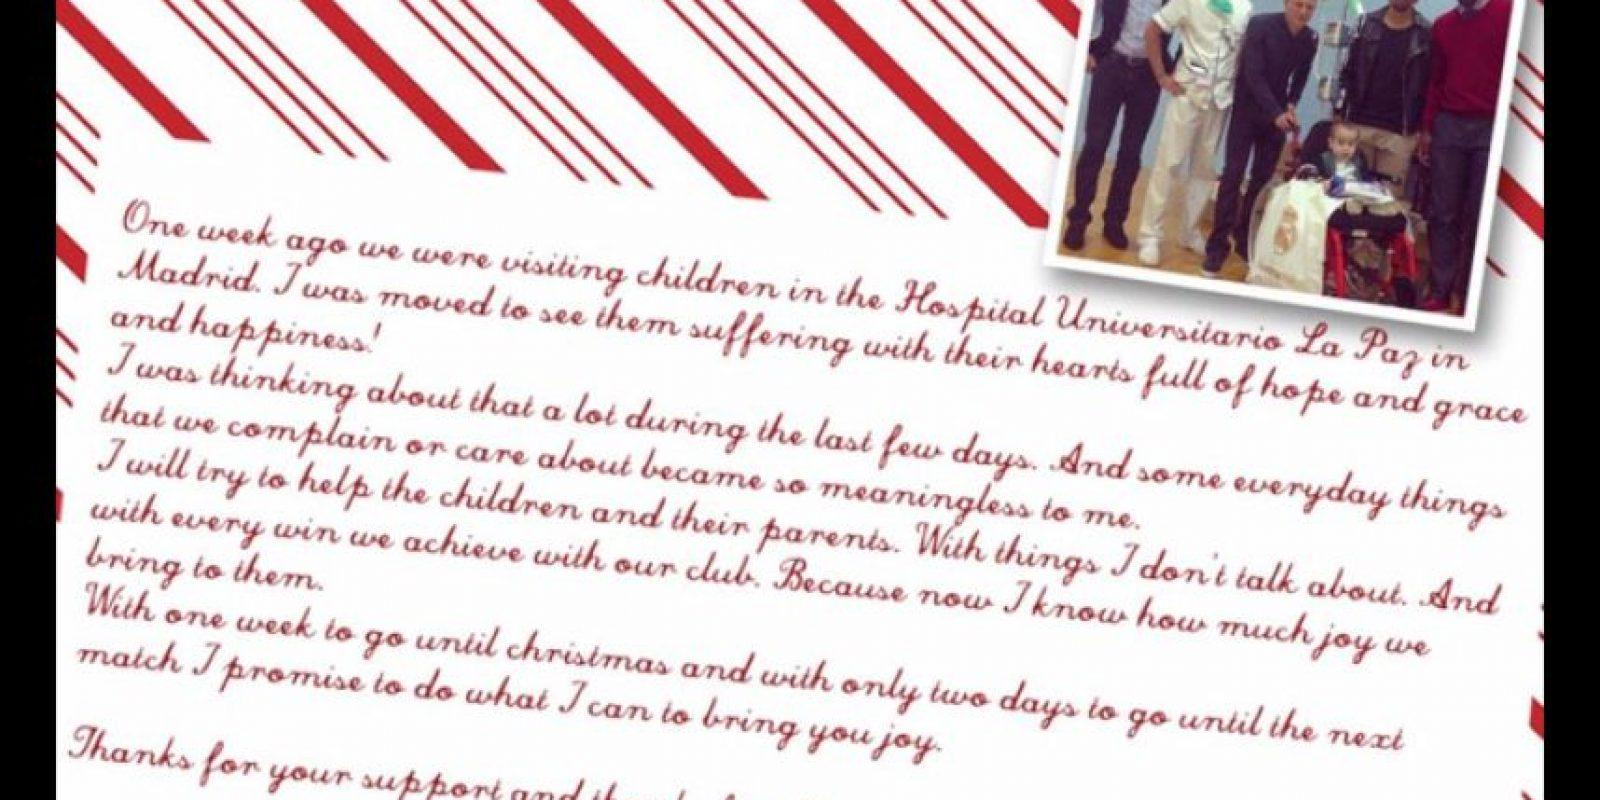 Este es el mensaje que Toni Kroos escribió para los niños del Hospital de La Paz. Foto:Twitter